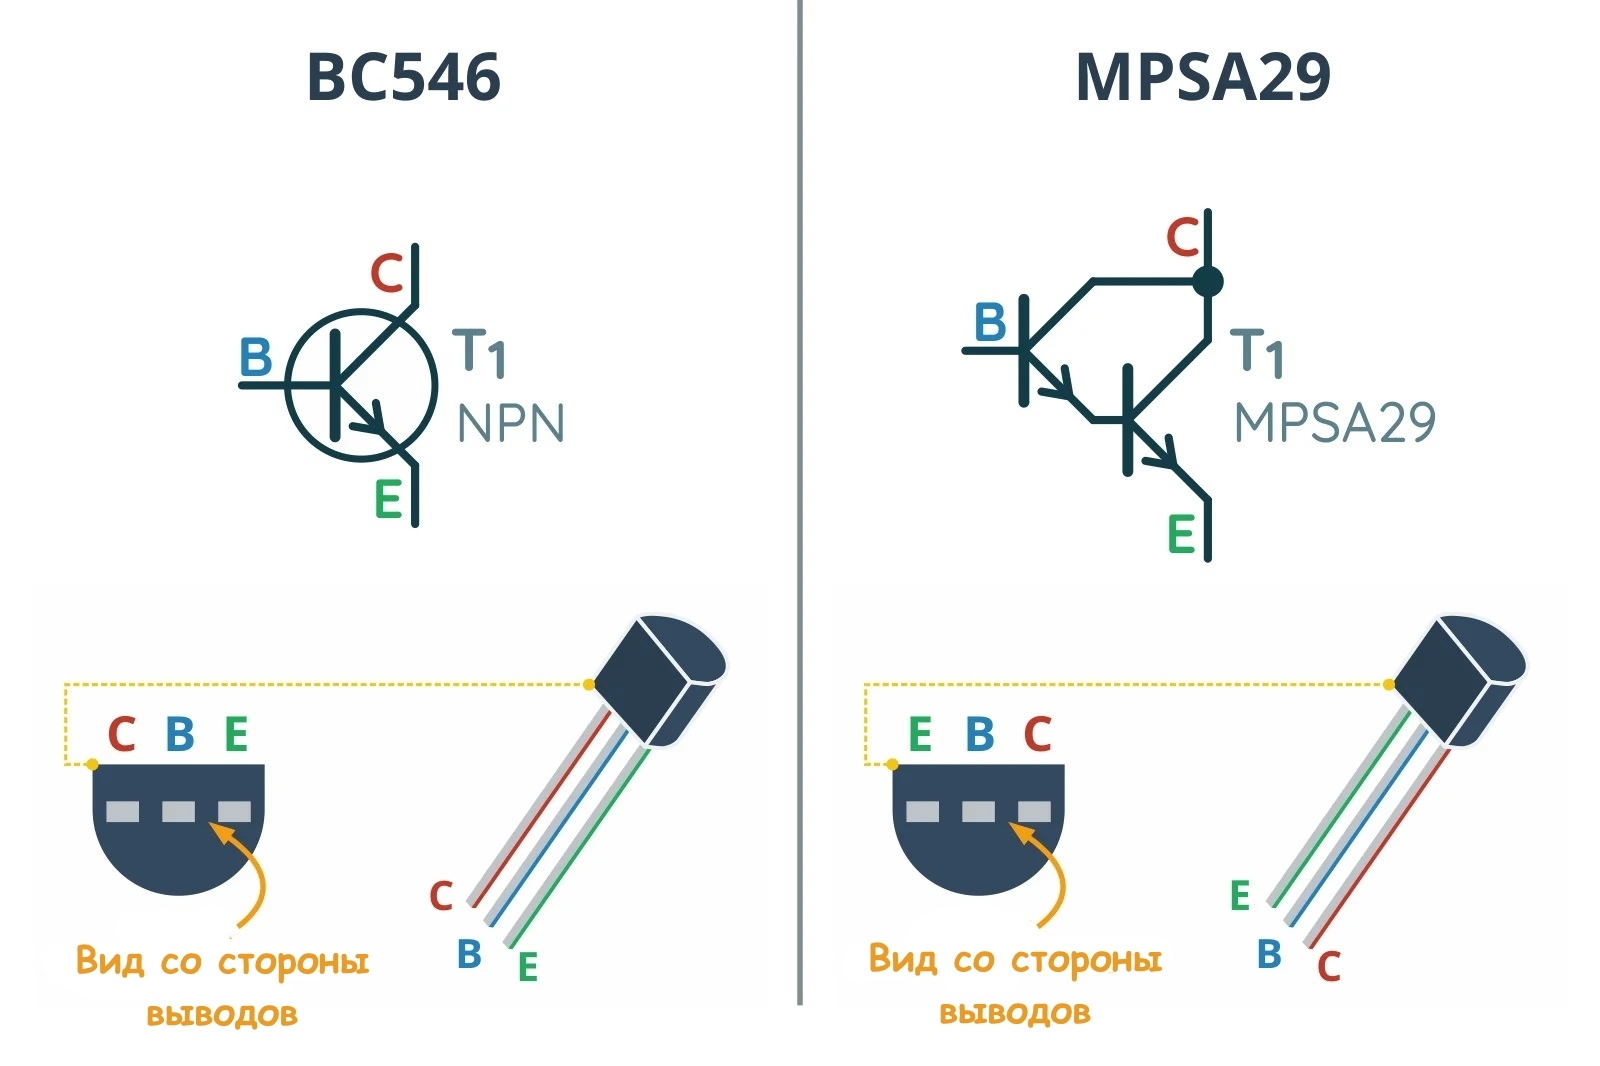 Сравнение выводов транзисторов BC546 и MPSA29